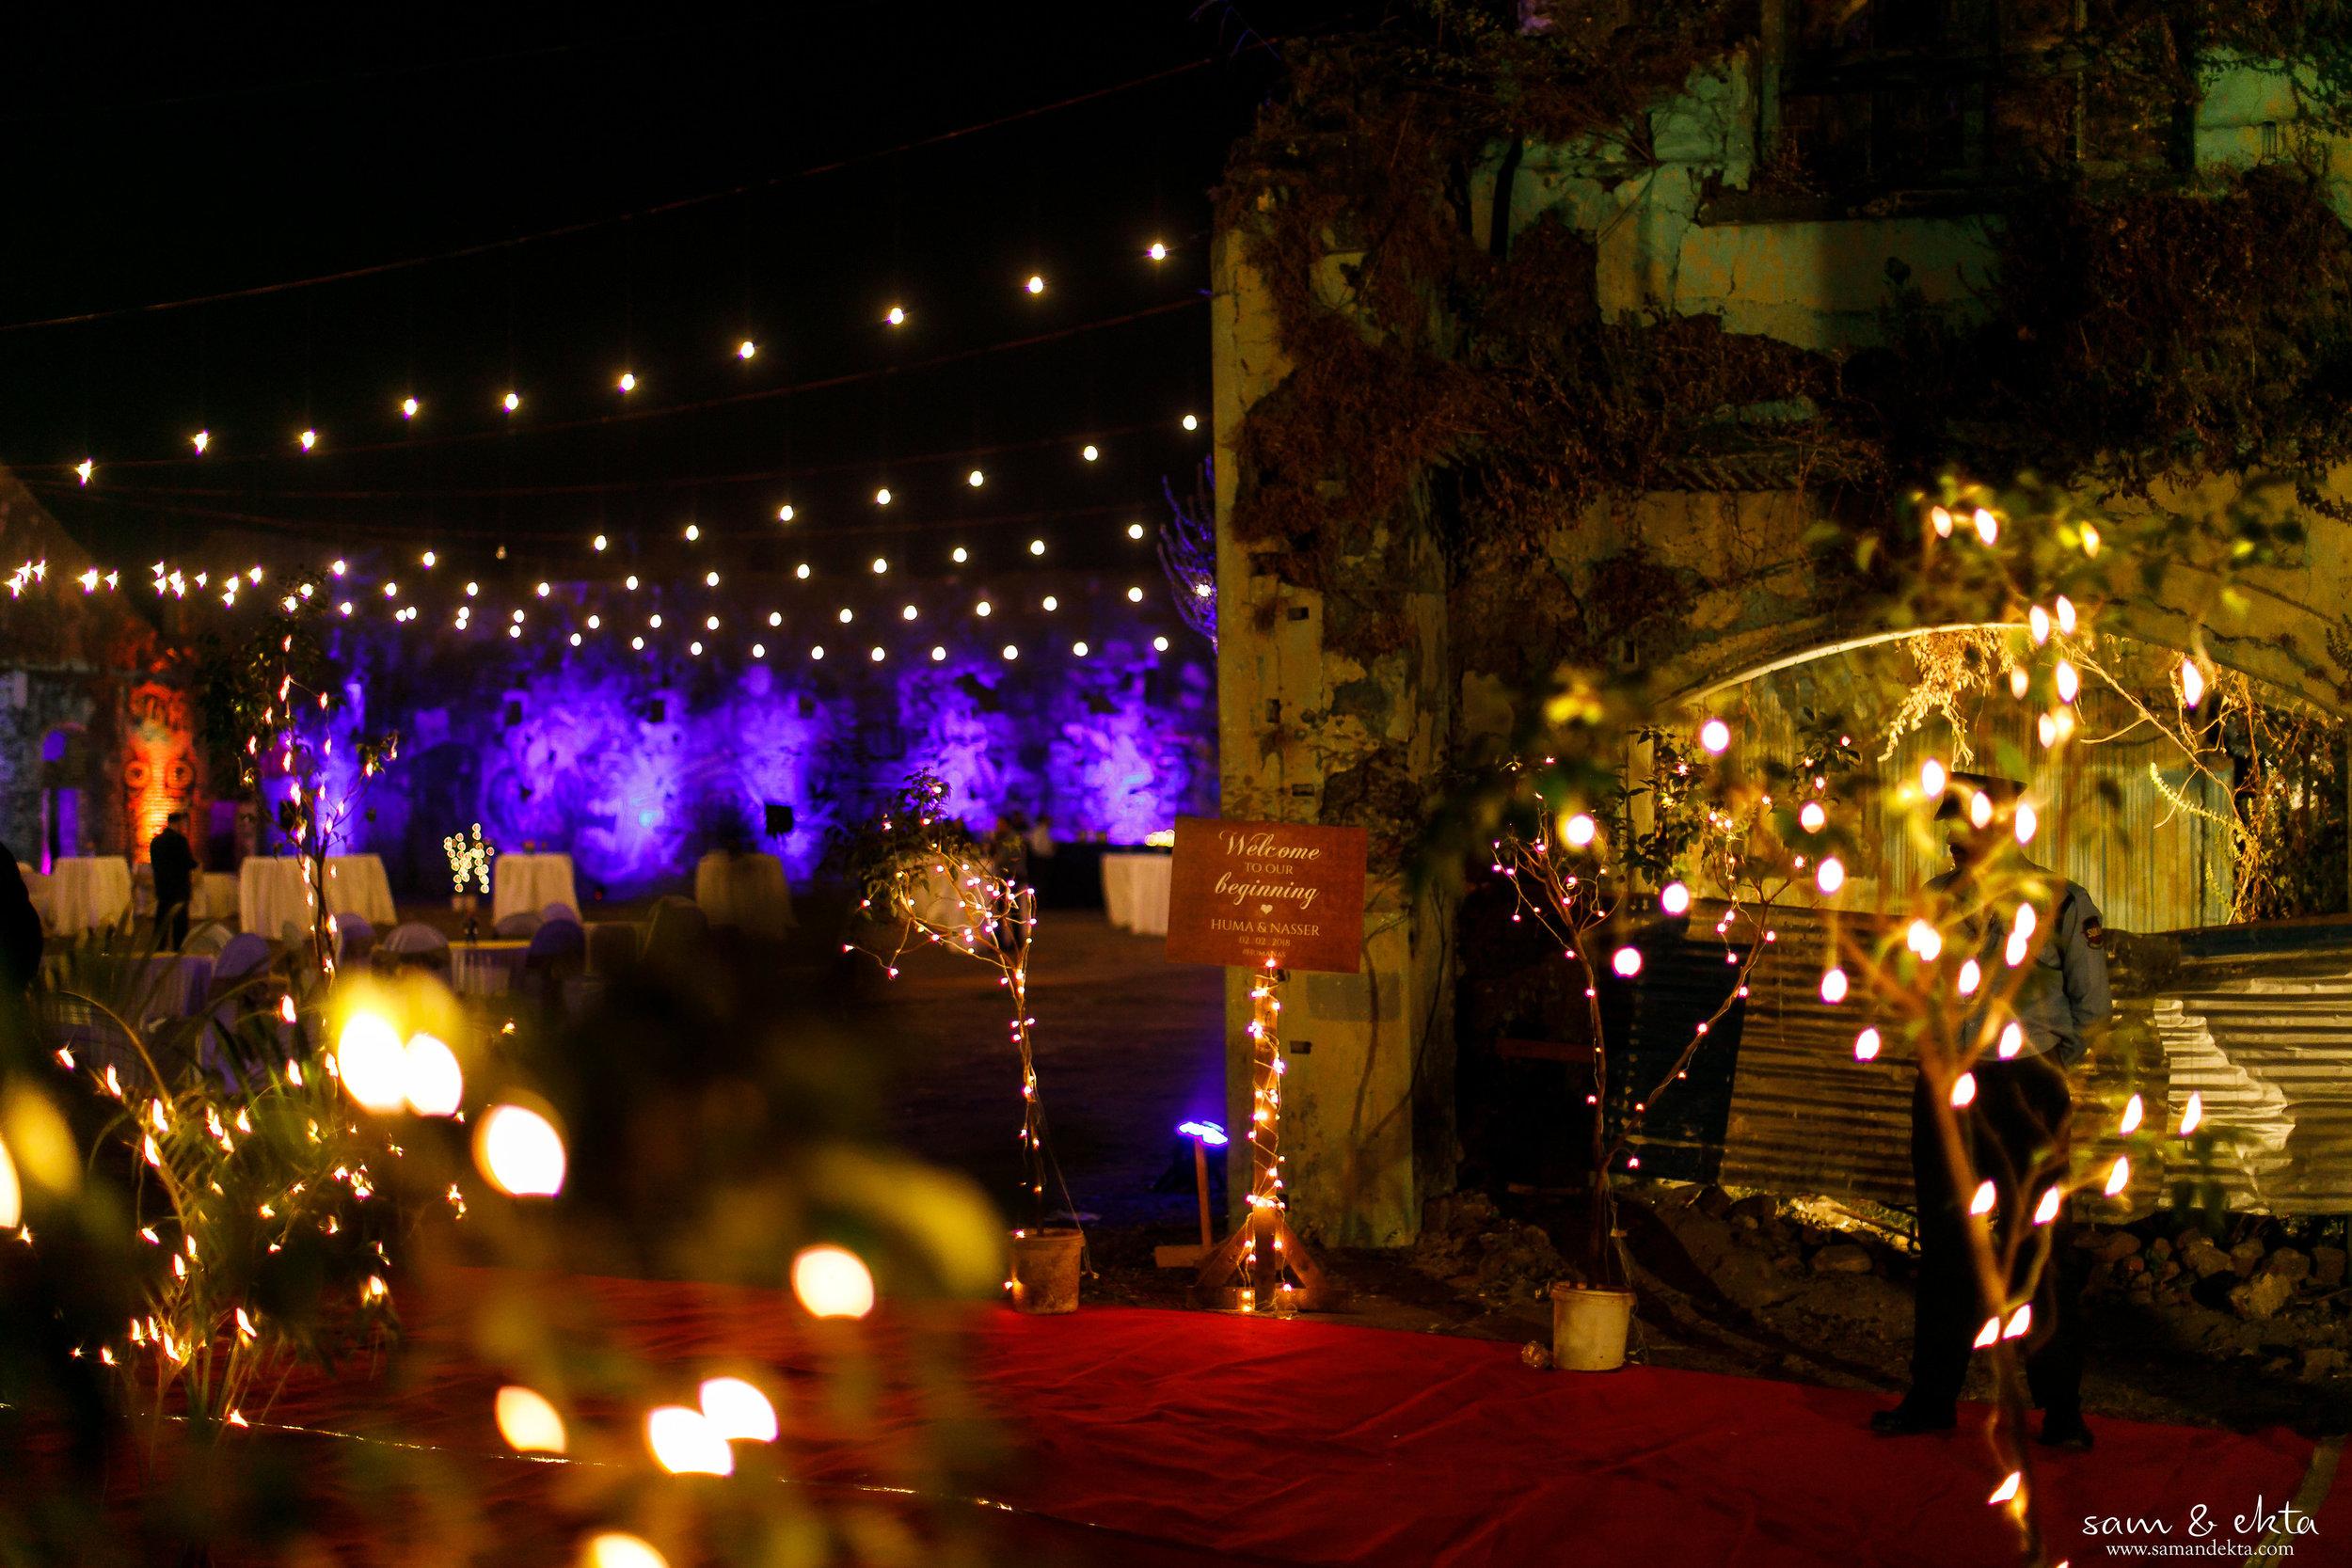 H&N_1_Highlights_www.samandekta.com-236.jpg